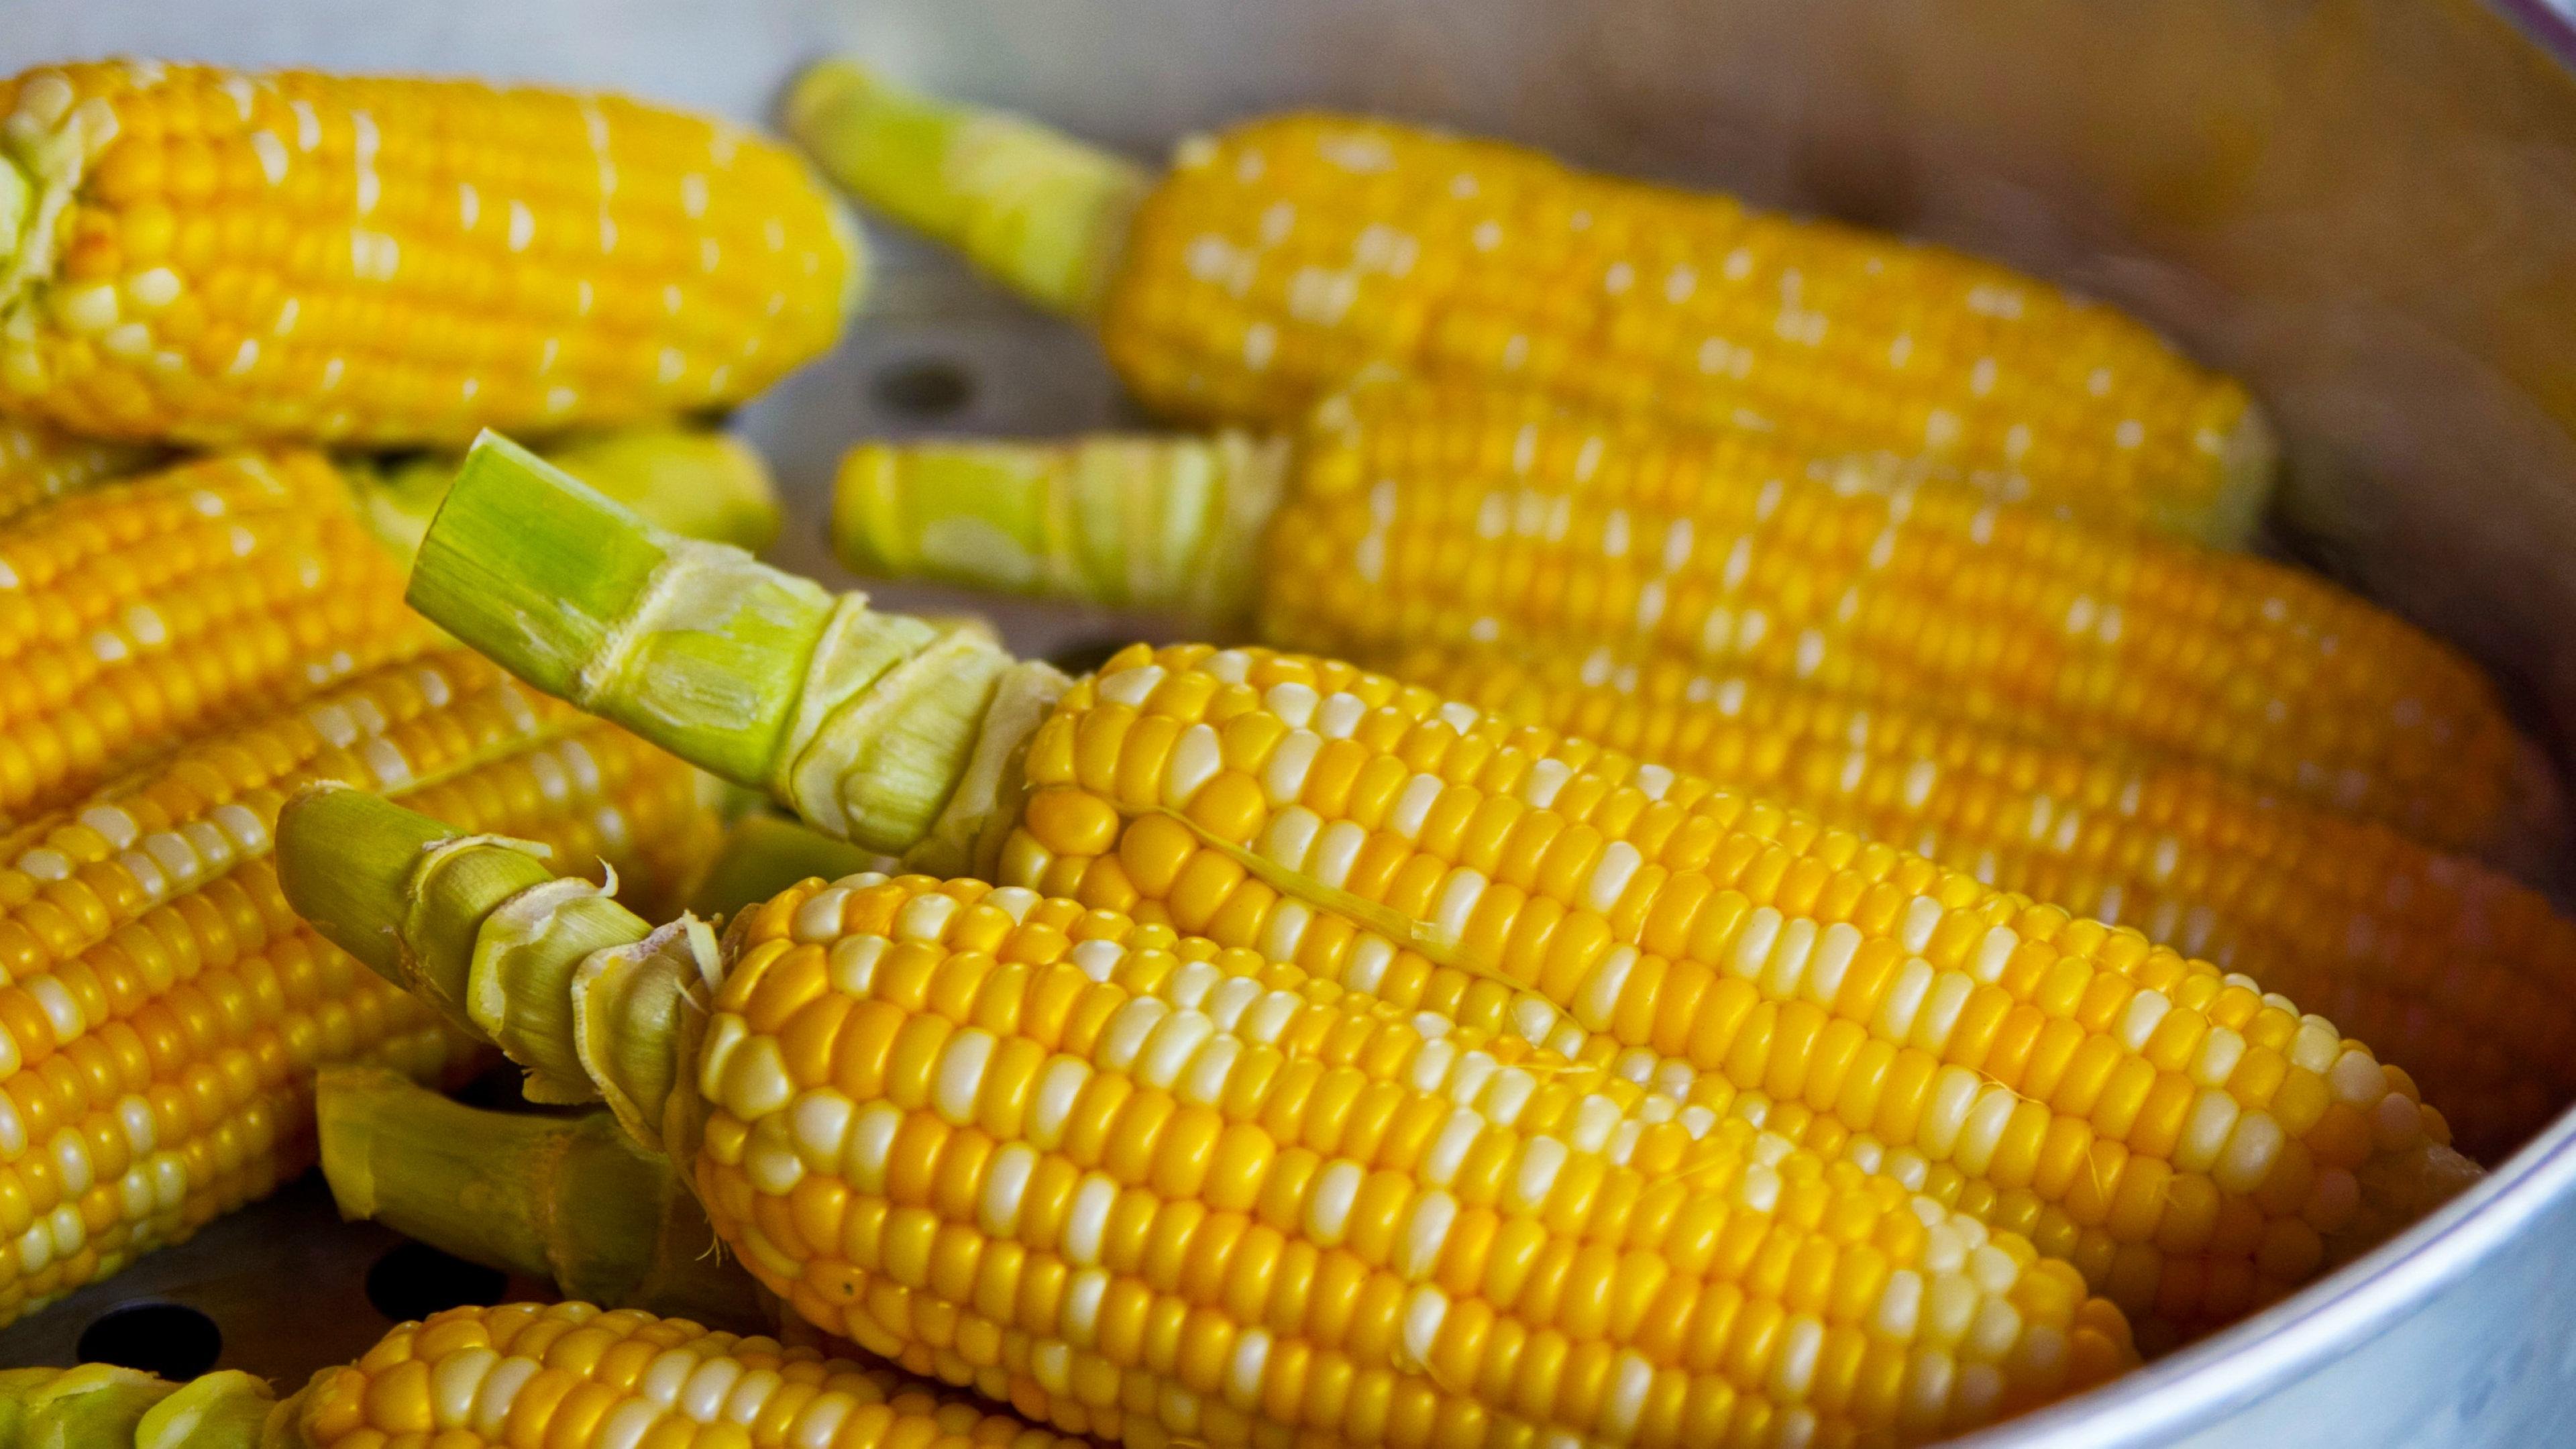 玉米期货开户 玉米期货一手多少钱